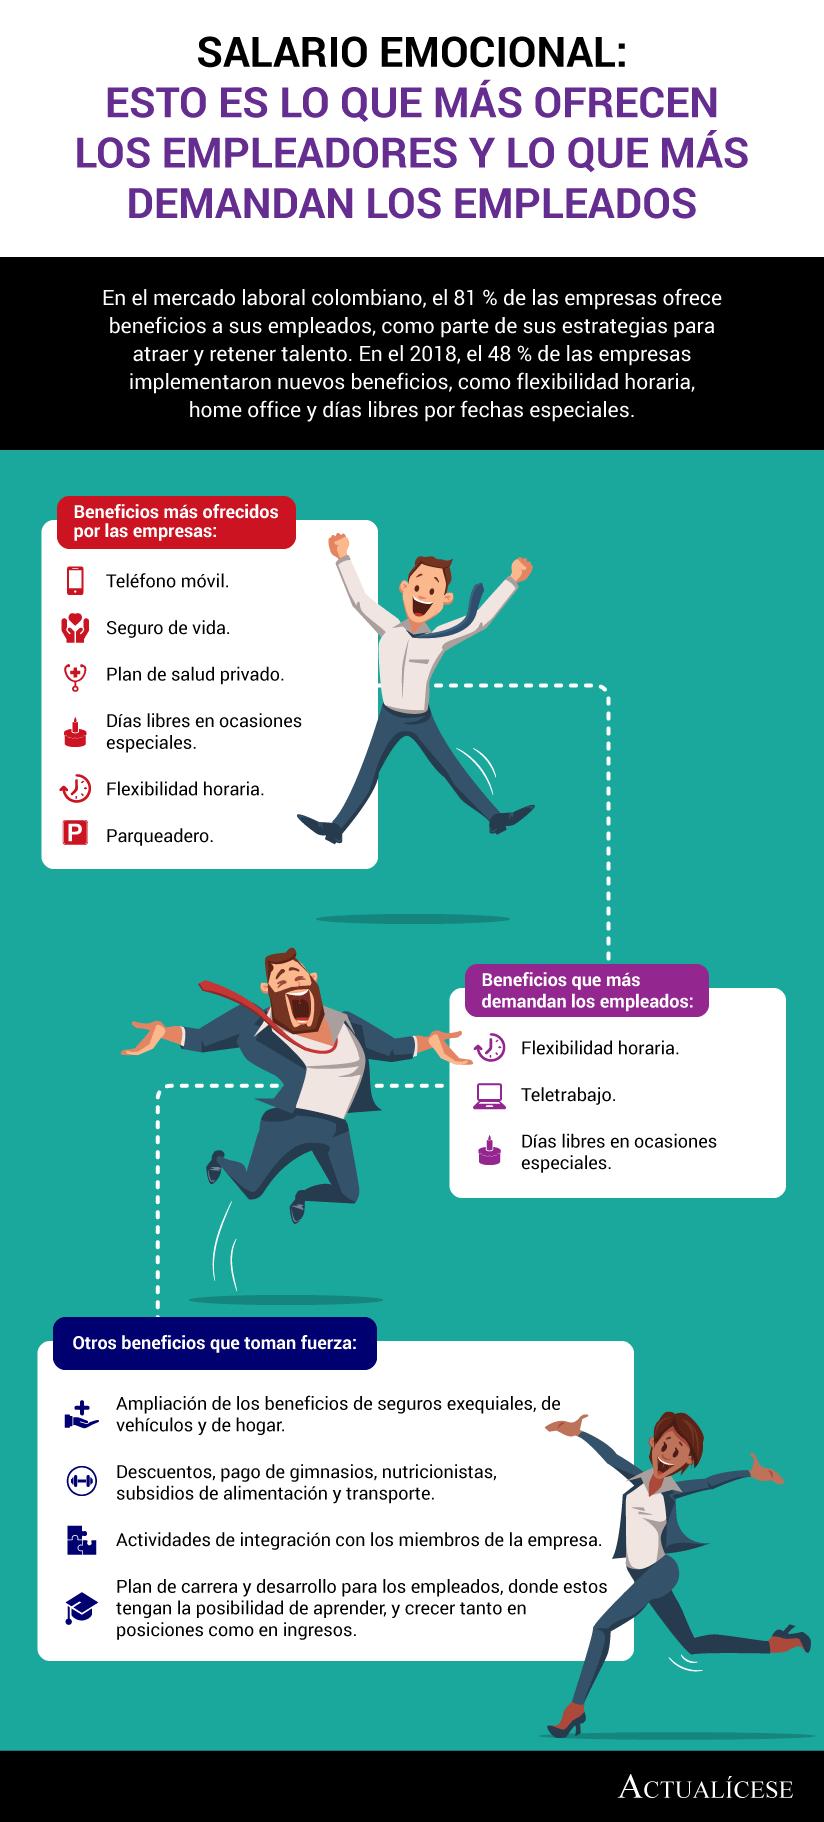 [Infografía] Salario emocional: esto es lo que más ofrecen los empleadores y lo que más demandan los empleados